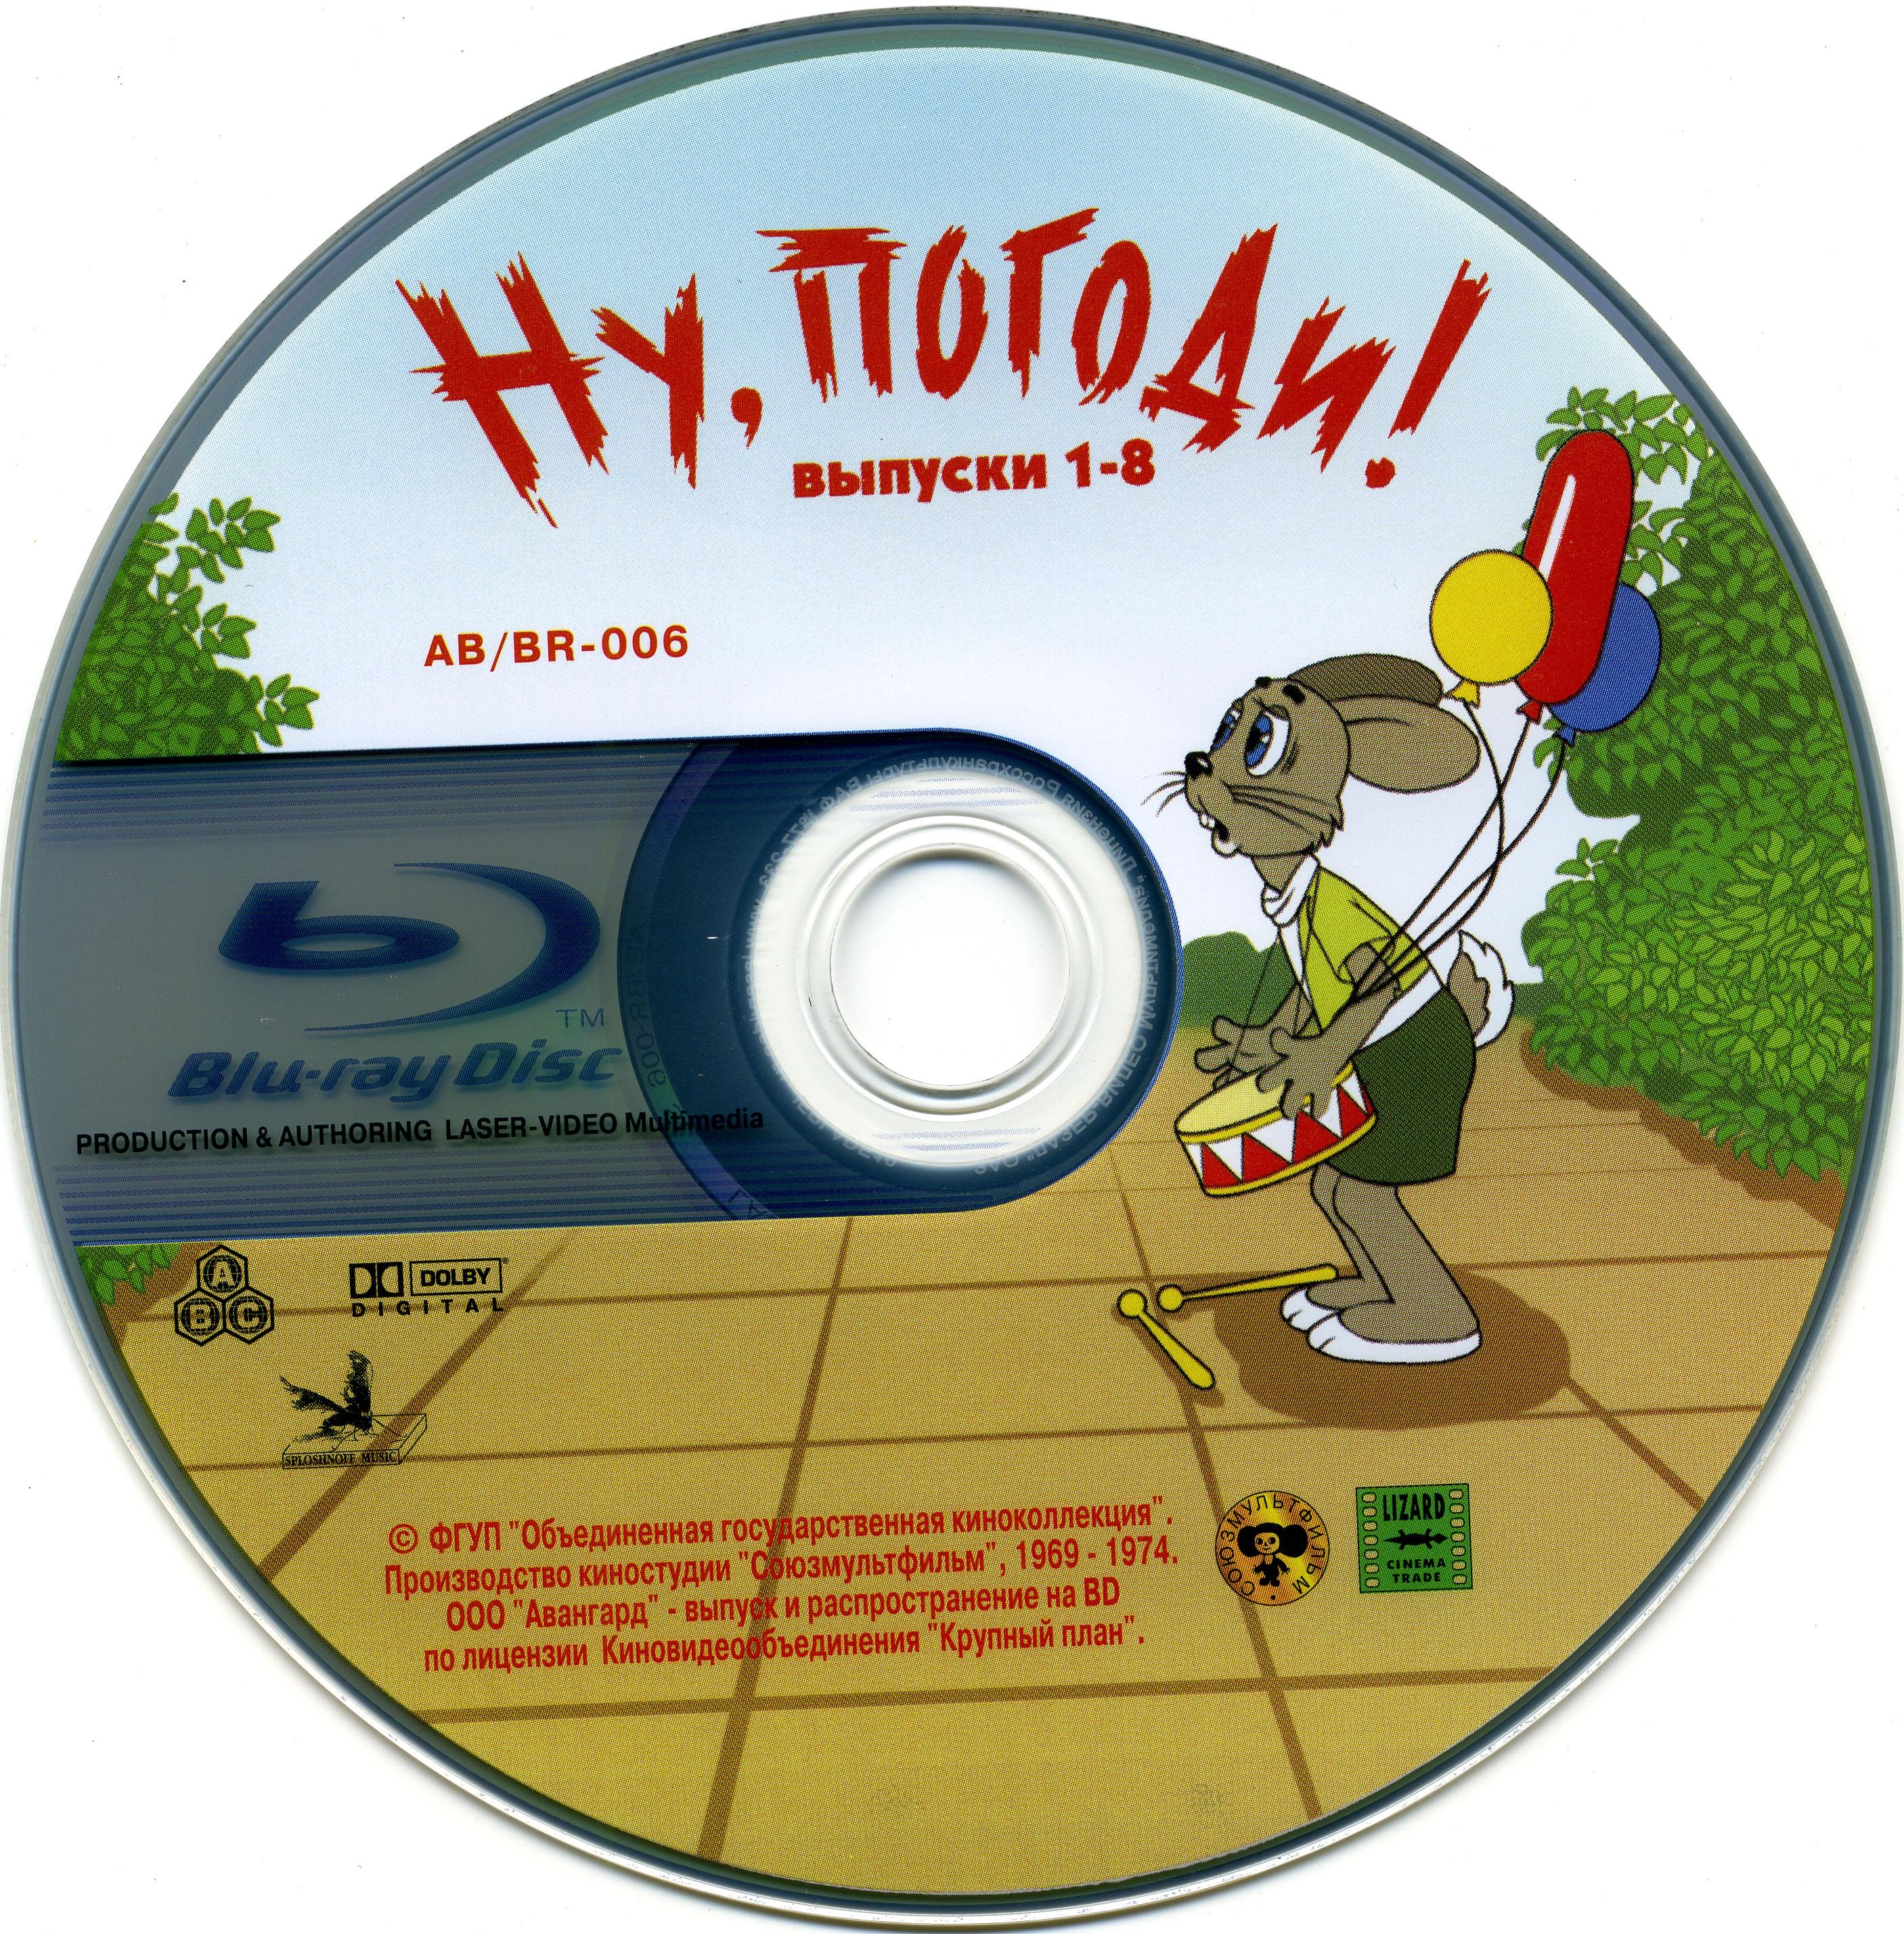 http://i2.imageban.ru/out/2011/10/31/b316399c5f612082bd74dcd75e049757.jpg